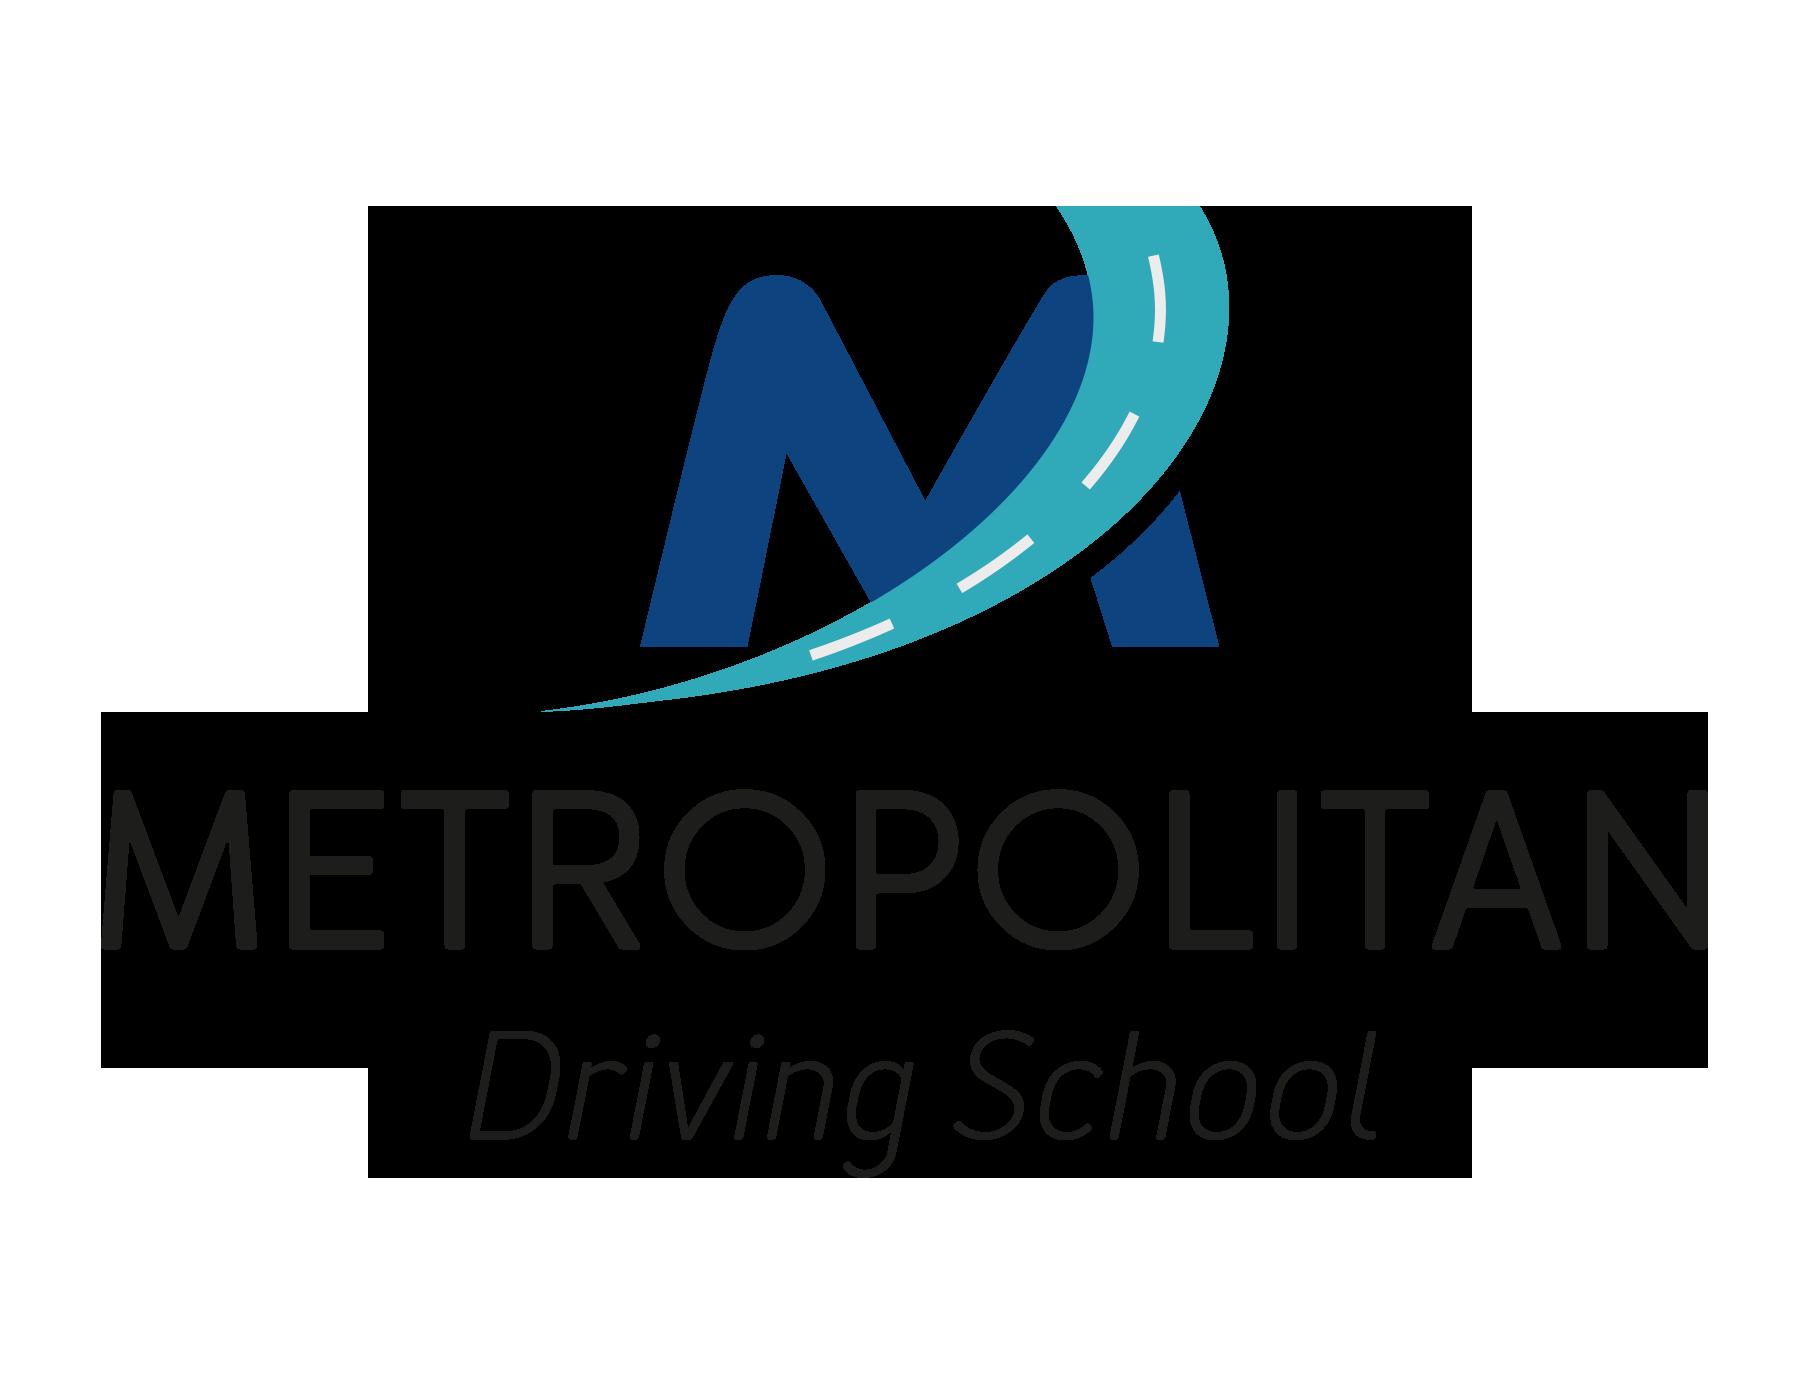 Metdrivingschool